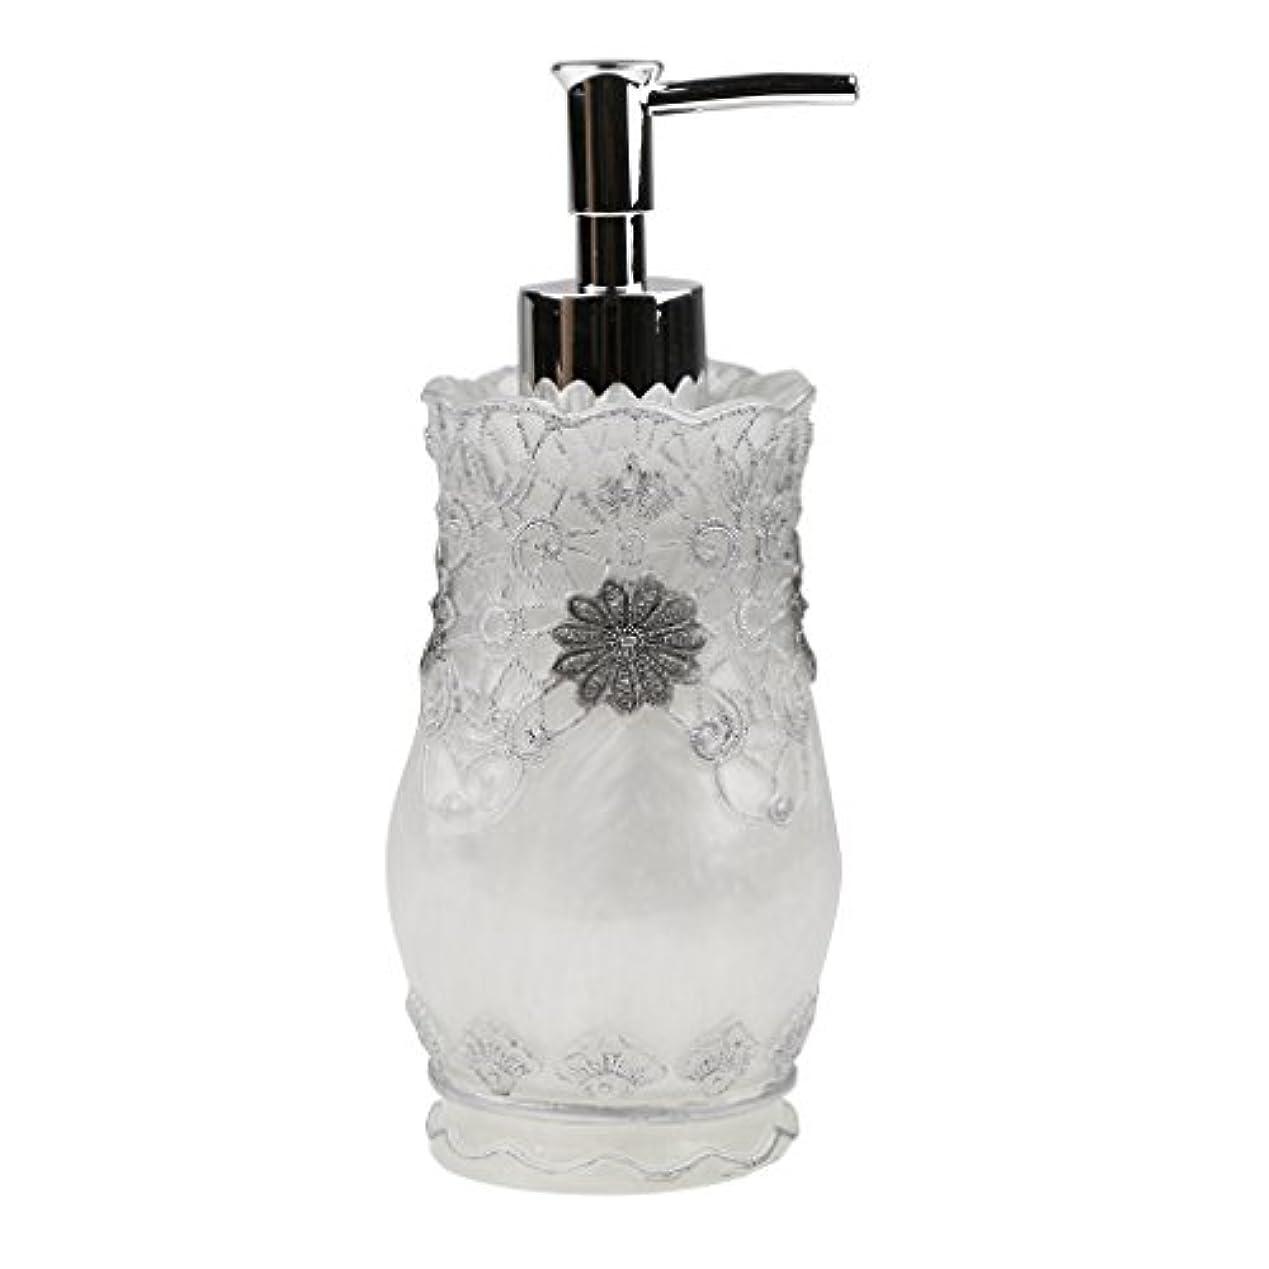 作曲する小道アコードHomyl 液体ソープ シャンプー用 空 シャンプー ボトル  詰め替えボトル 美しい エレガント デザイン  全4種類 - #2